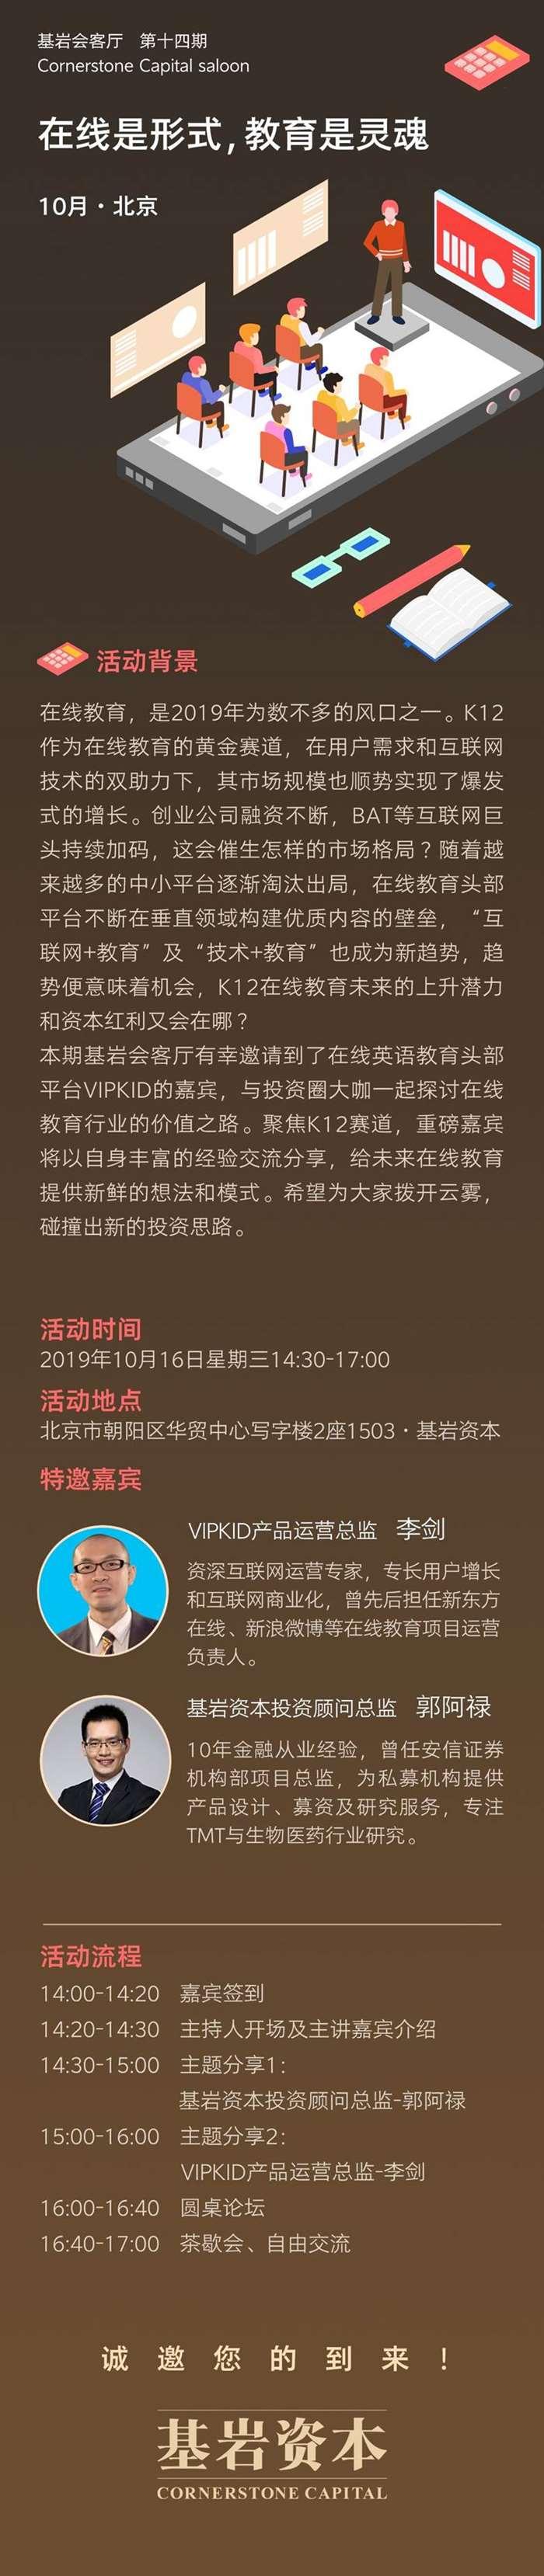 【基岩会客厅第十四期】北京10月16日邀请函.jpg